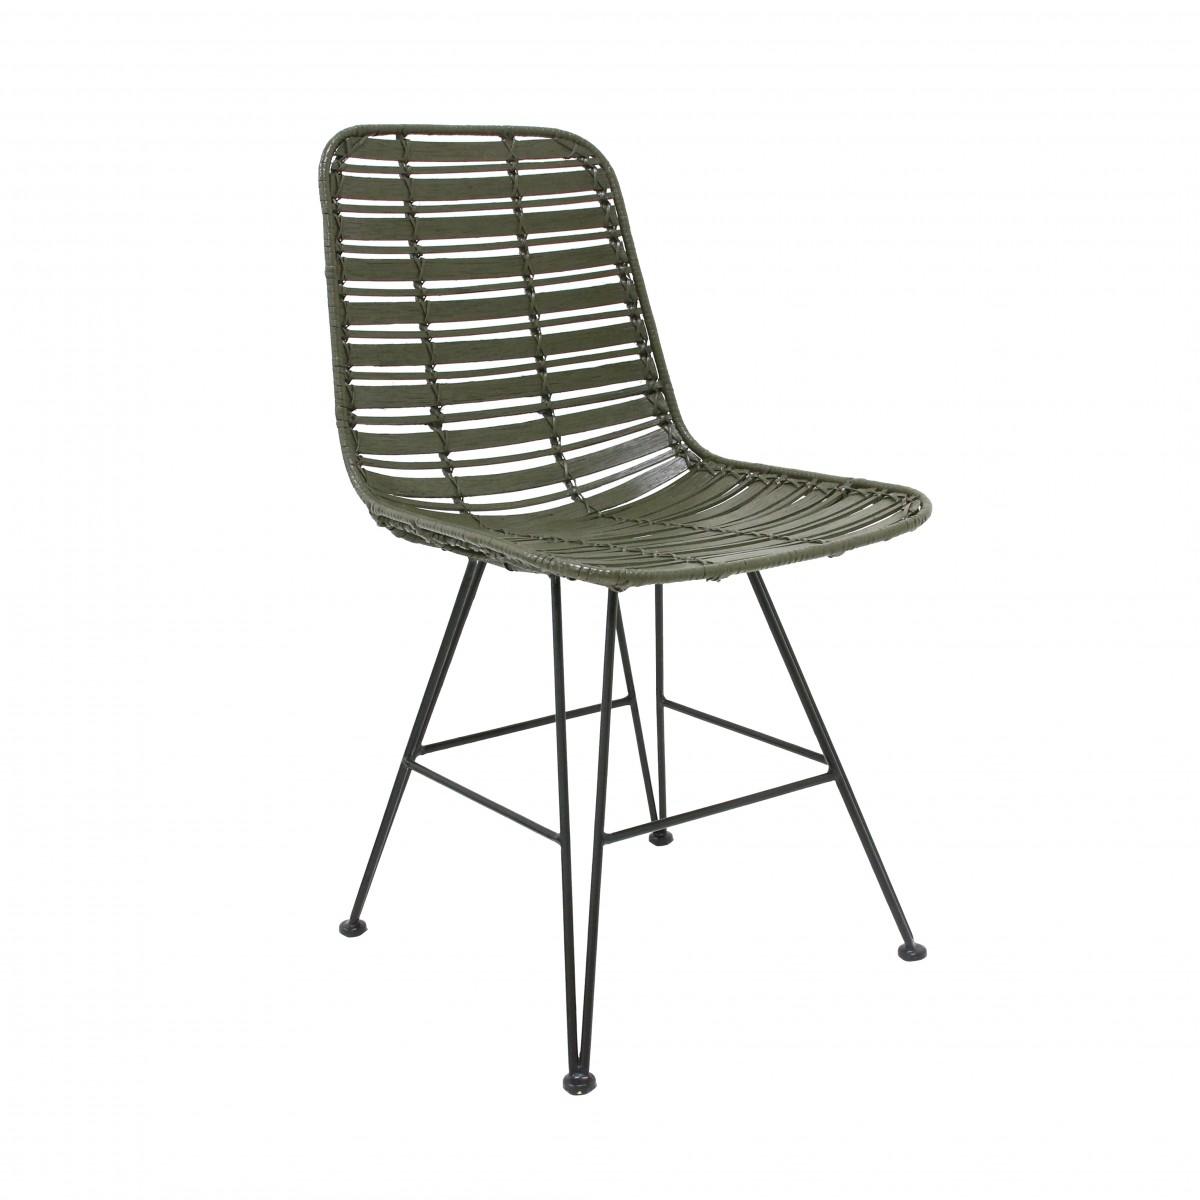 chaise en rotin vert olive - hk living